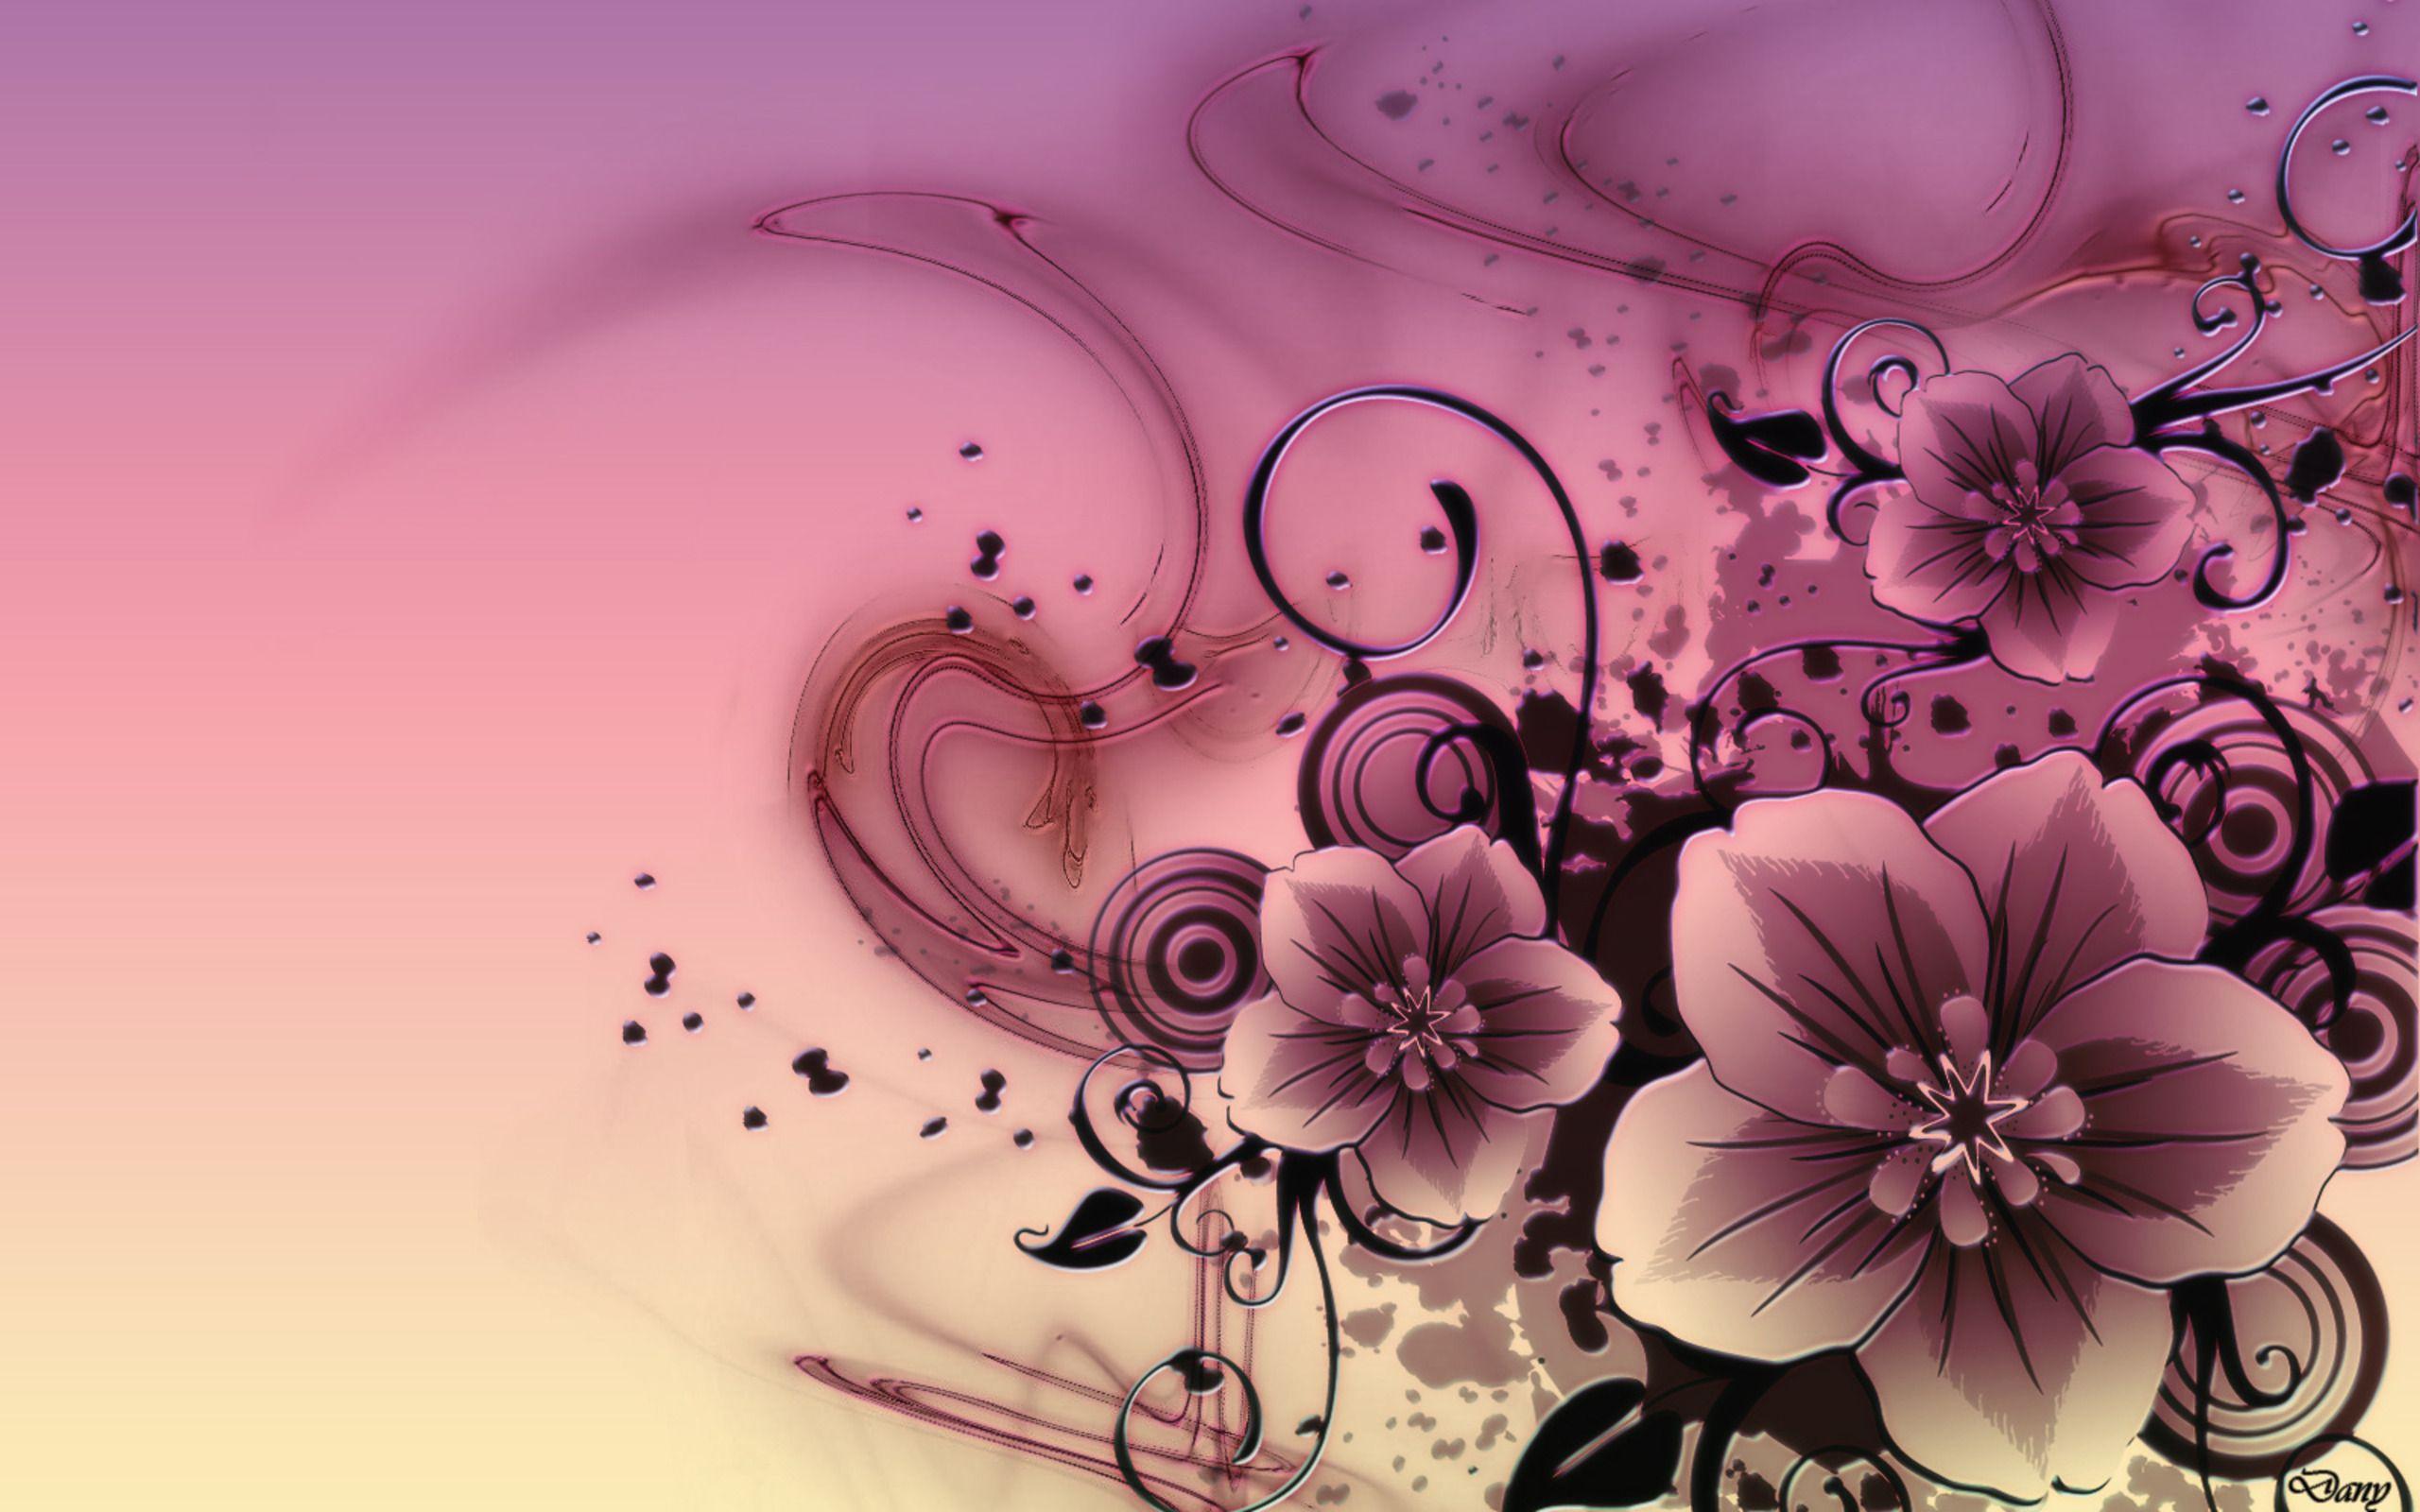 Abstract Flowers Hd Desktop Wallpaper High Definition Fullscreen Abstract Wallpapers Flower Desktop Wallpaper Pink Flower Tattoos Flower Art